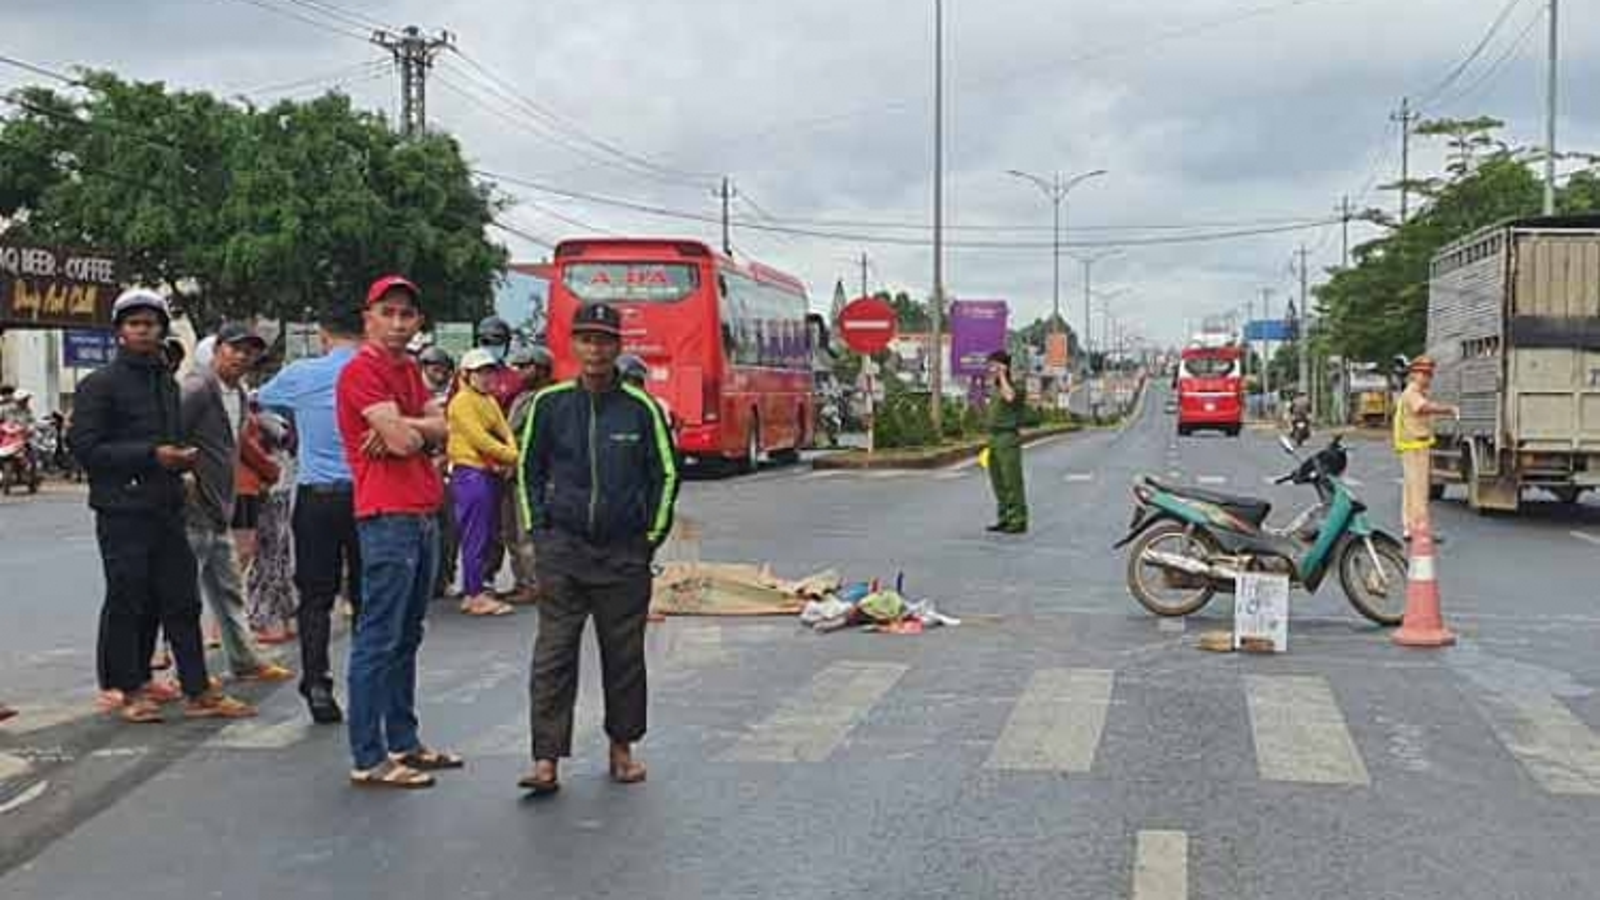 Xe khách tông xe máy từ phía sau, 1 người người chết, 2 người trọng thương